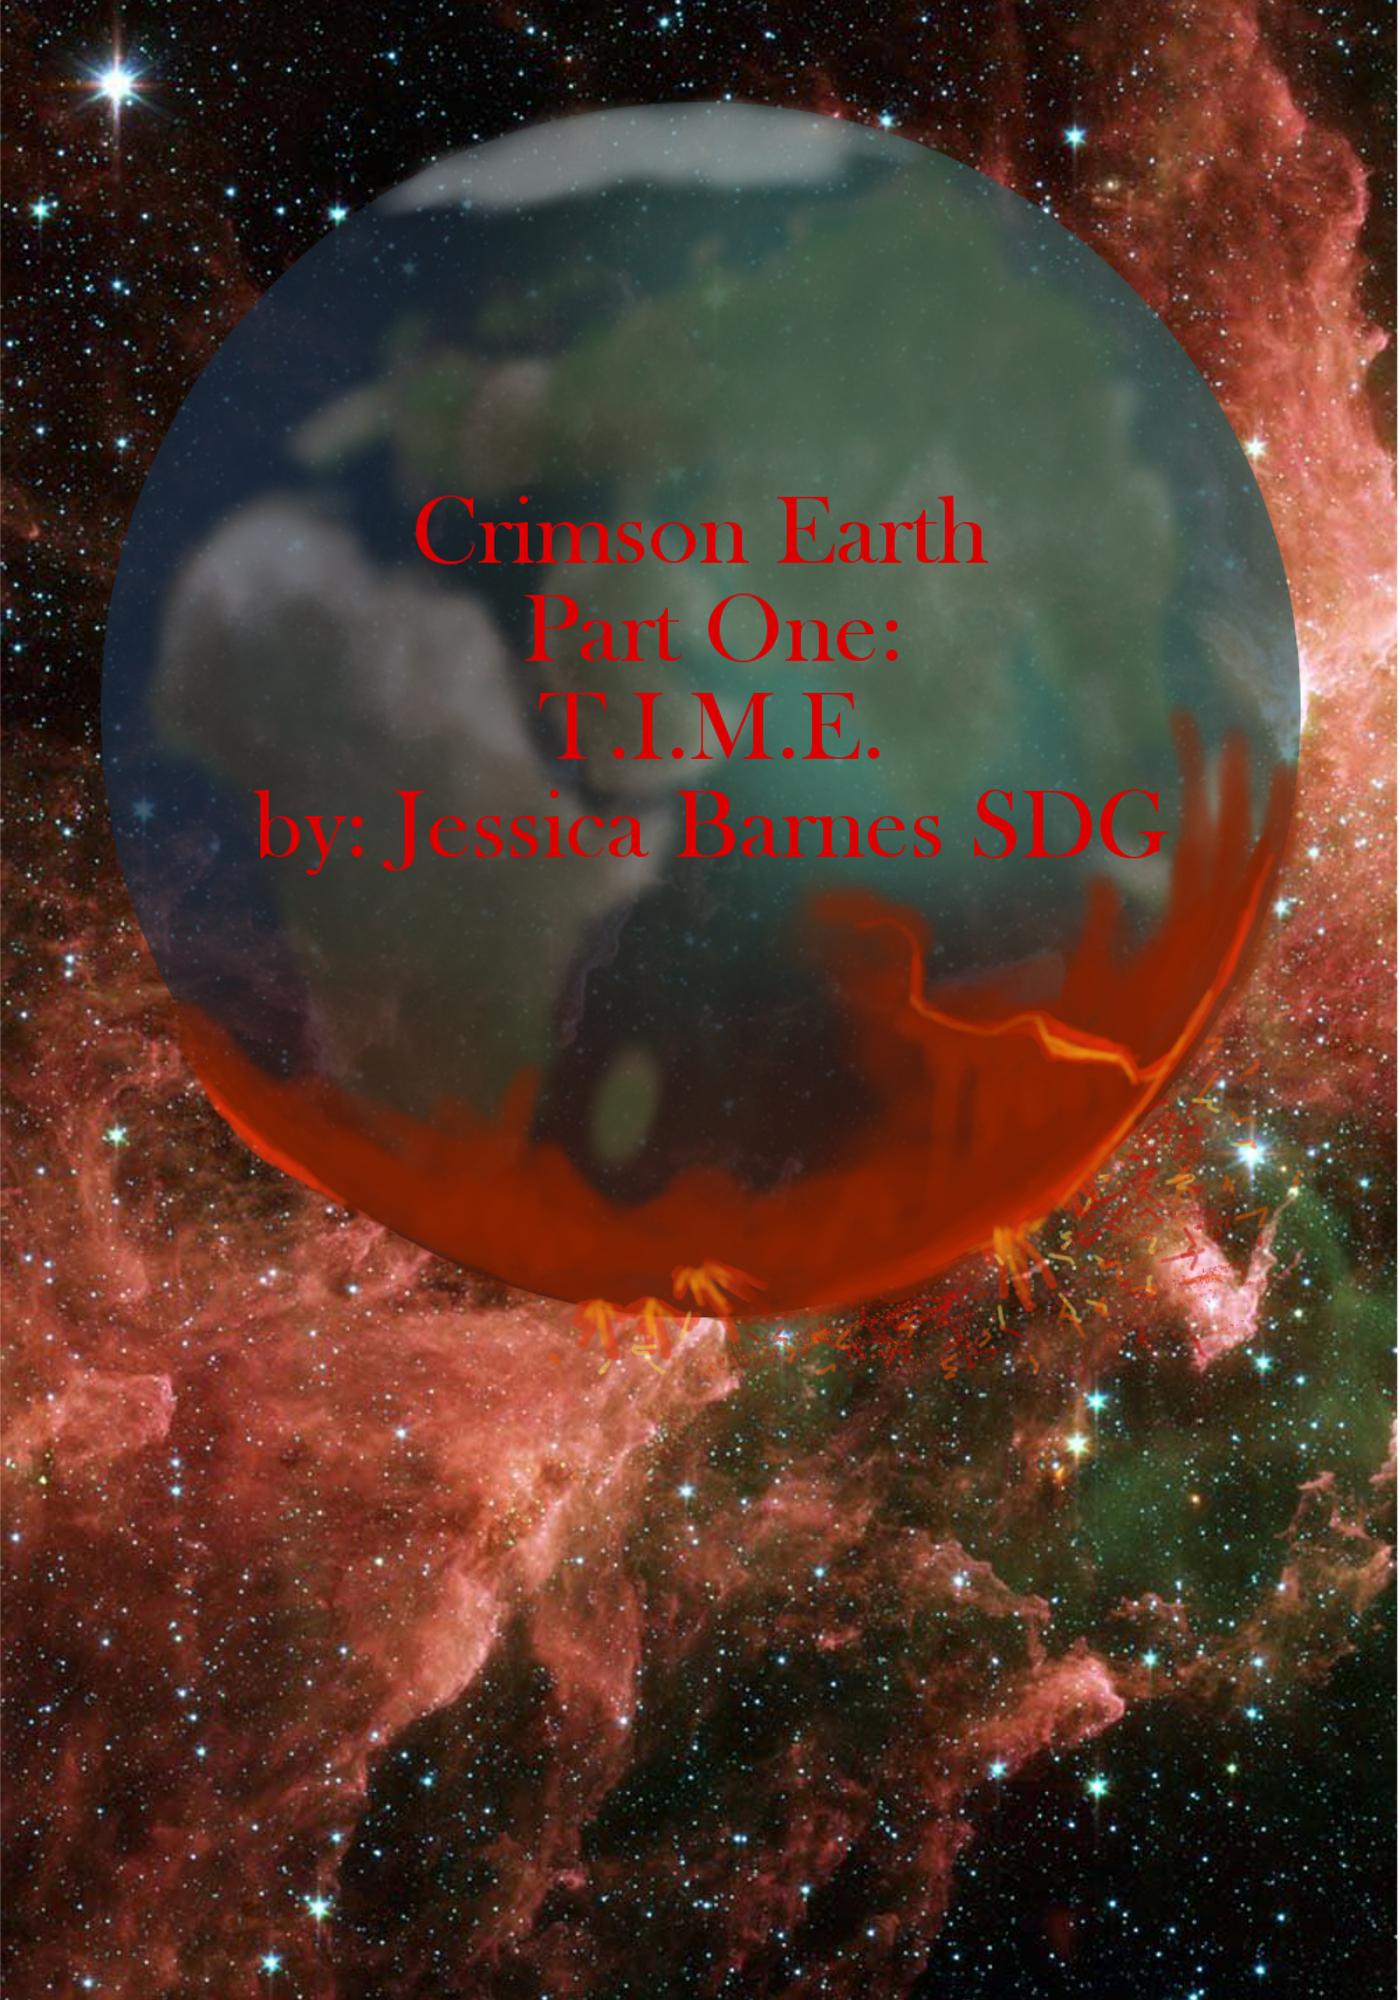 Crimson Earth: Part One: T.I.M.E. Jessica    Barnes